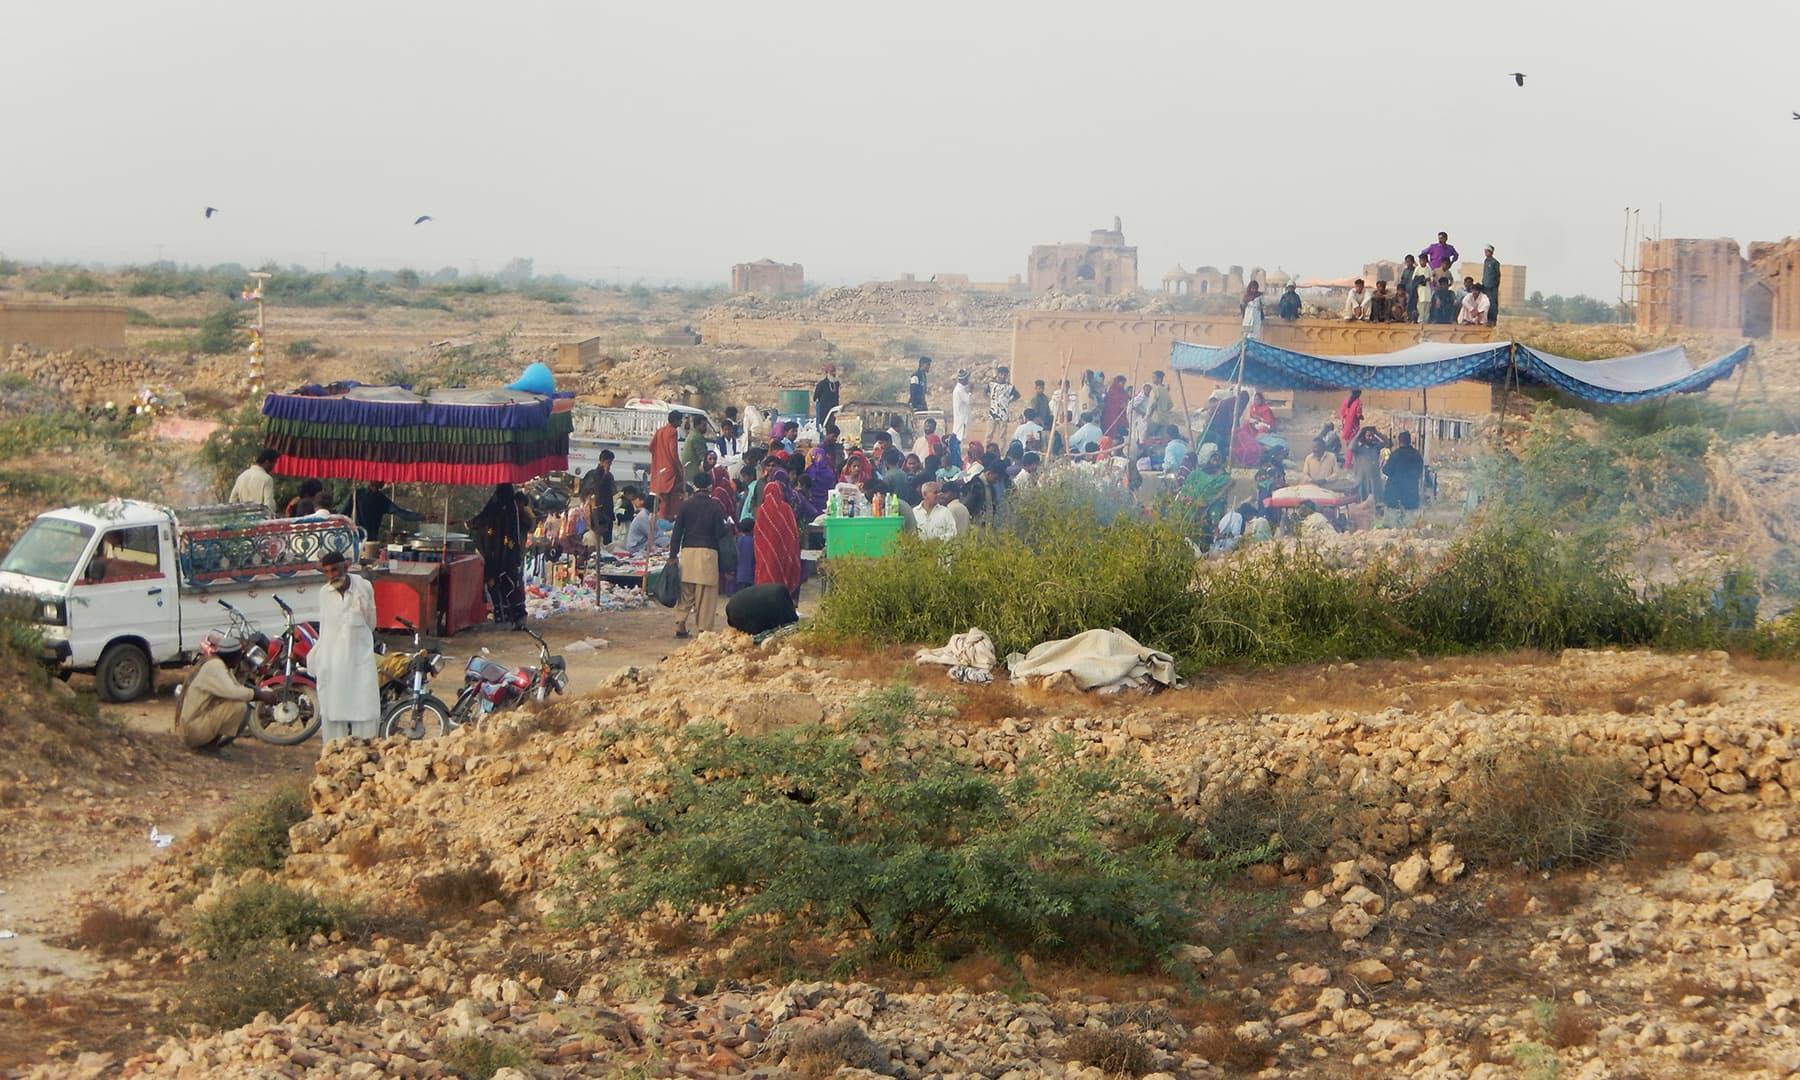 مَکلی قبرستان کی ایک درگاہ پر لگا میلہ —تصویر ابوبکر شیخ